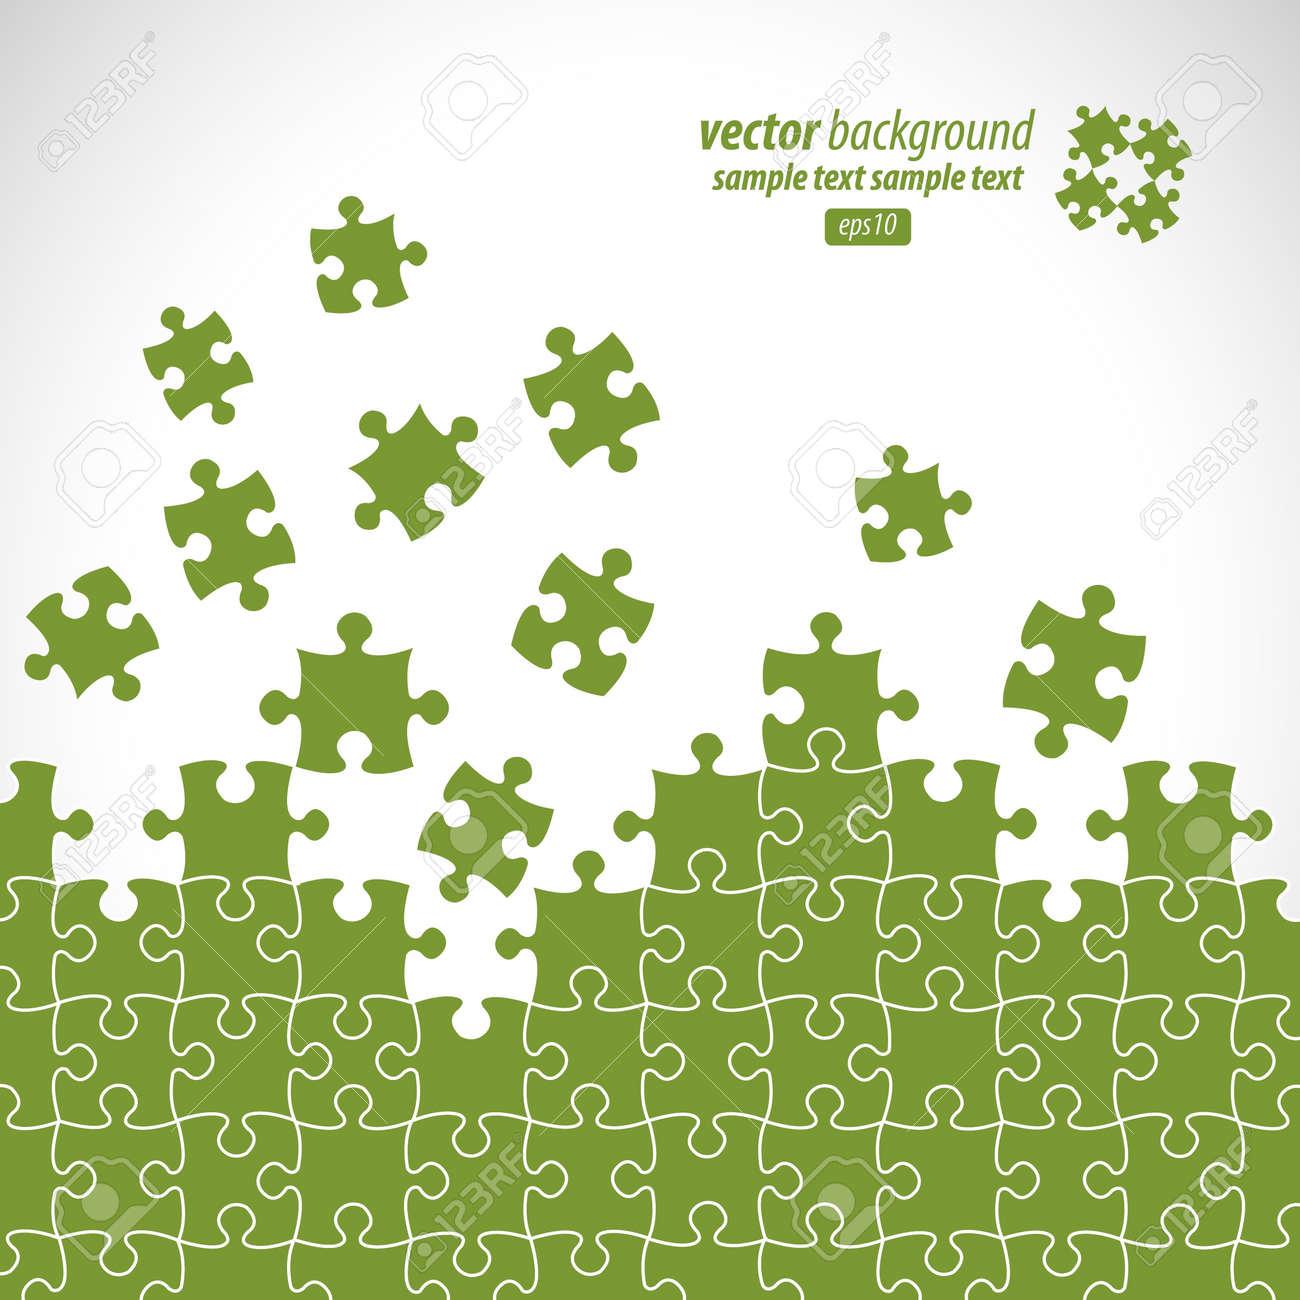 Puzzle pieces vector design Stock Vector - 9865960